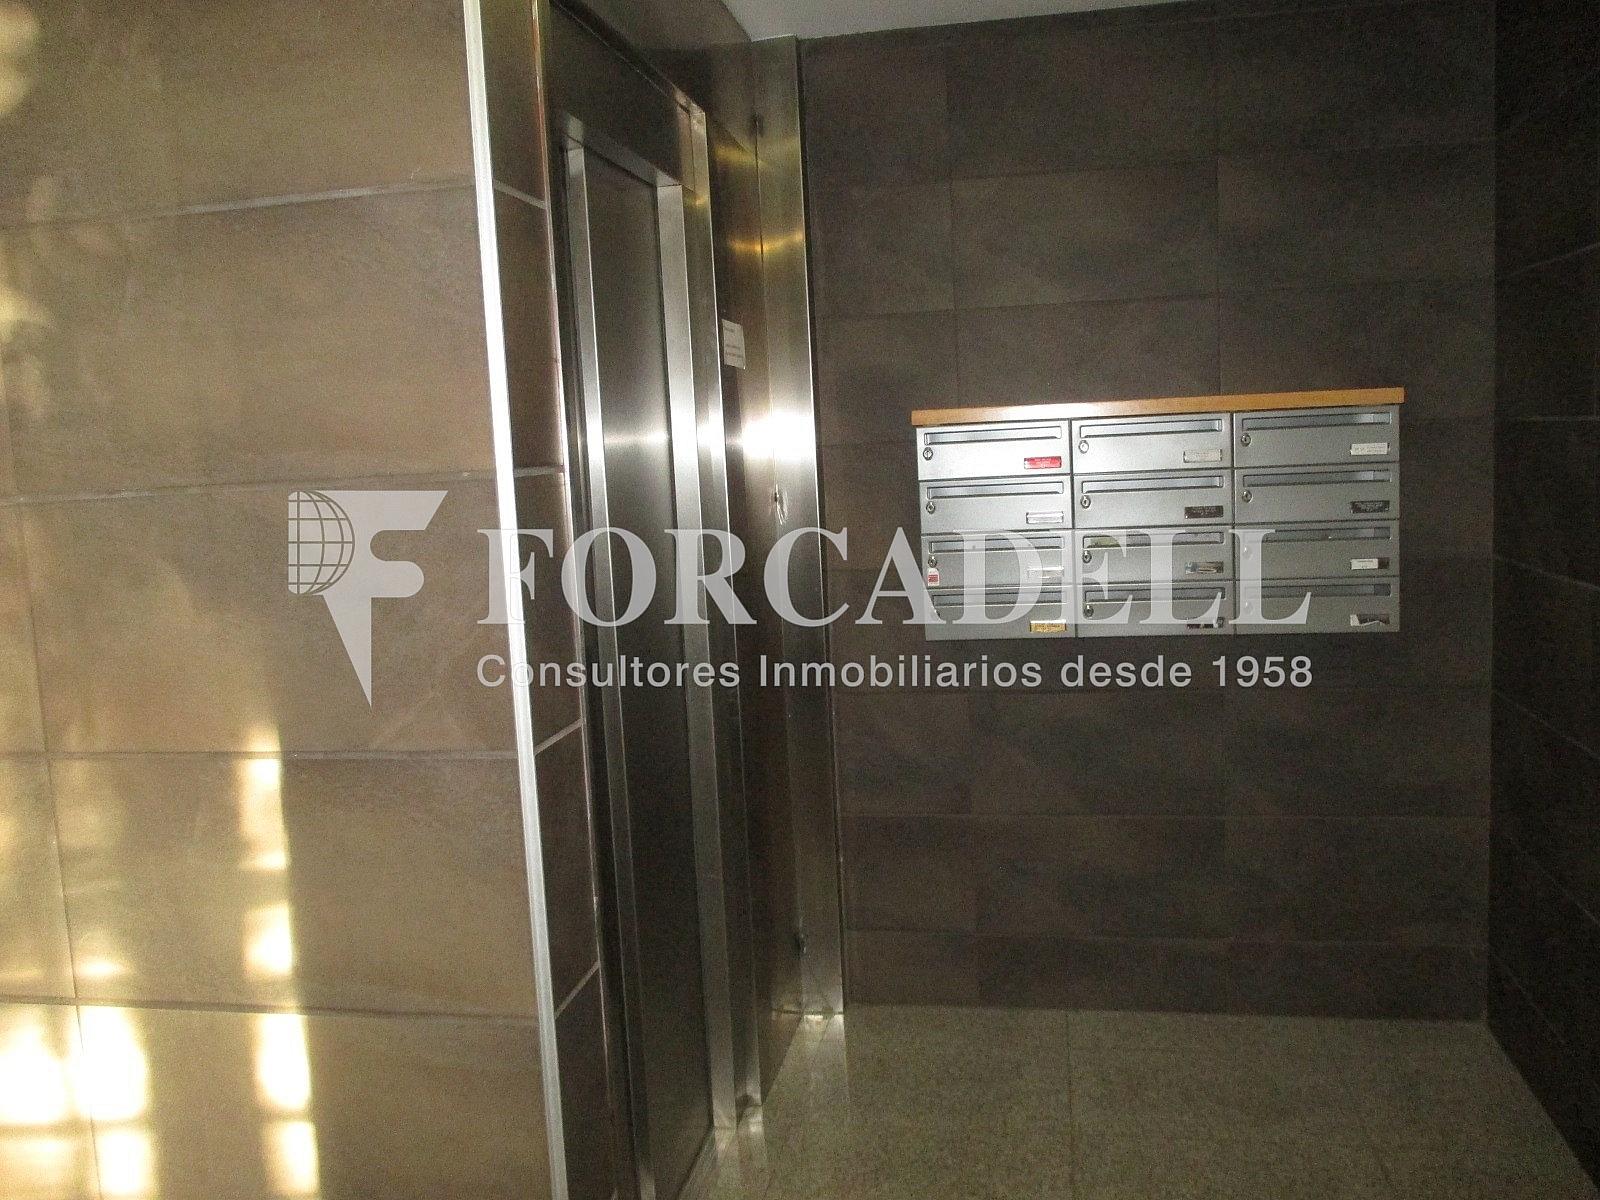 IMG_2665 - Piso en alquiler en calle Merce Rodoreda, Can clota en Esplugues de Llobregat - 331432035